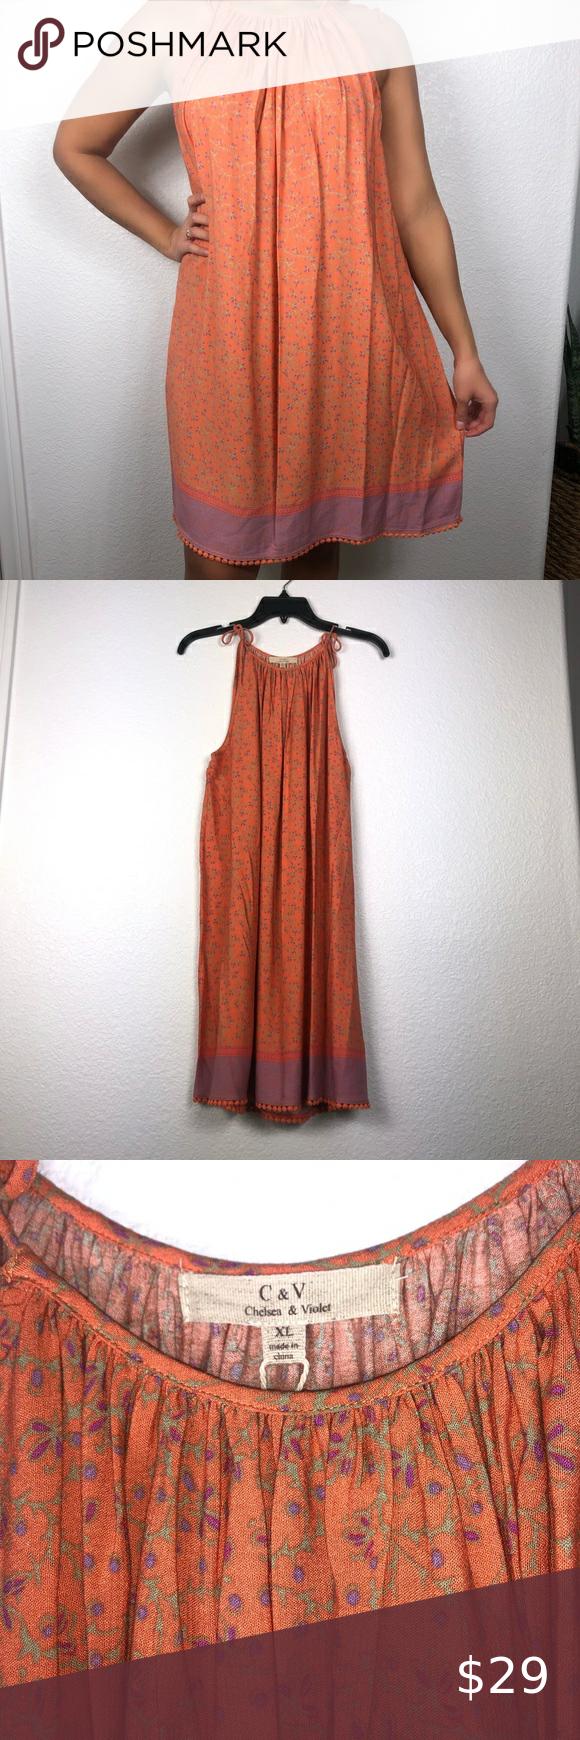 Chealsea Violet Summer Dress Summer Dresses Clothes Design Dresses [ 1740 x 580 Pixel ]